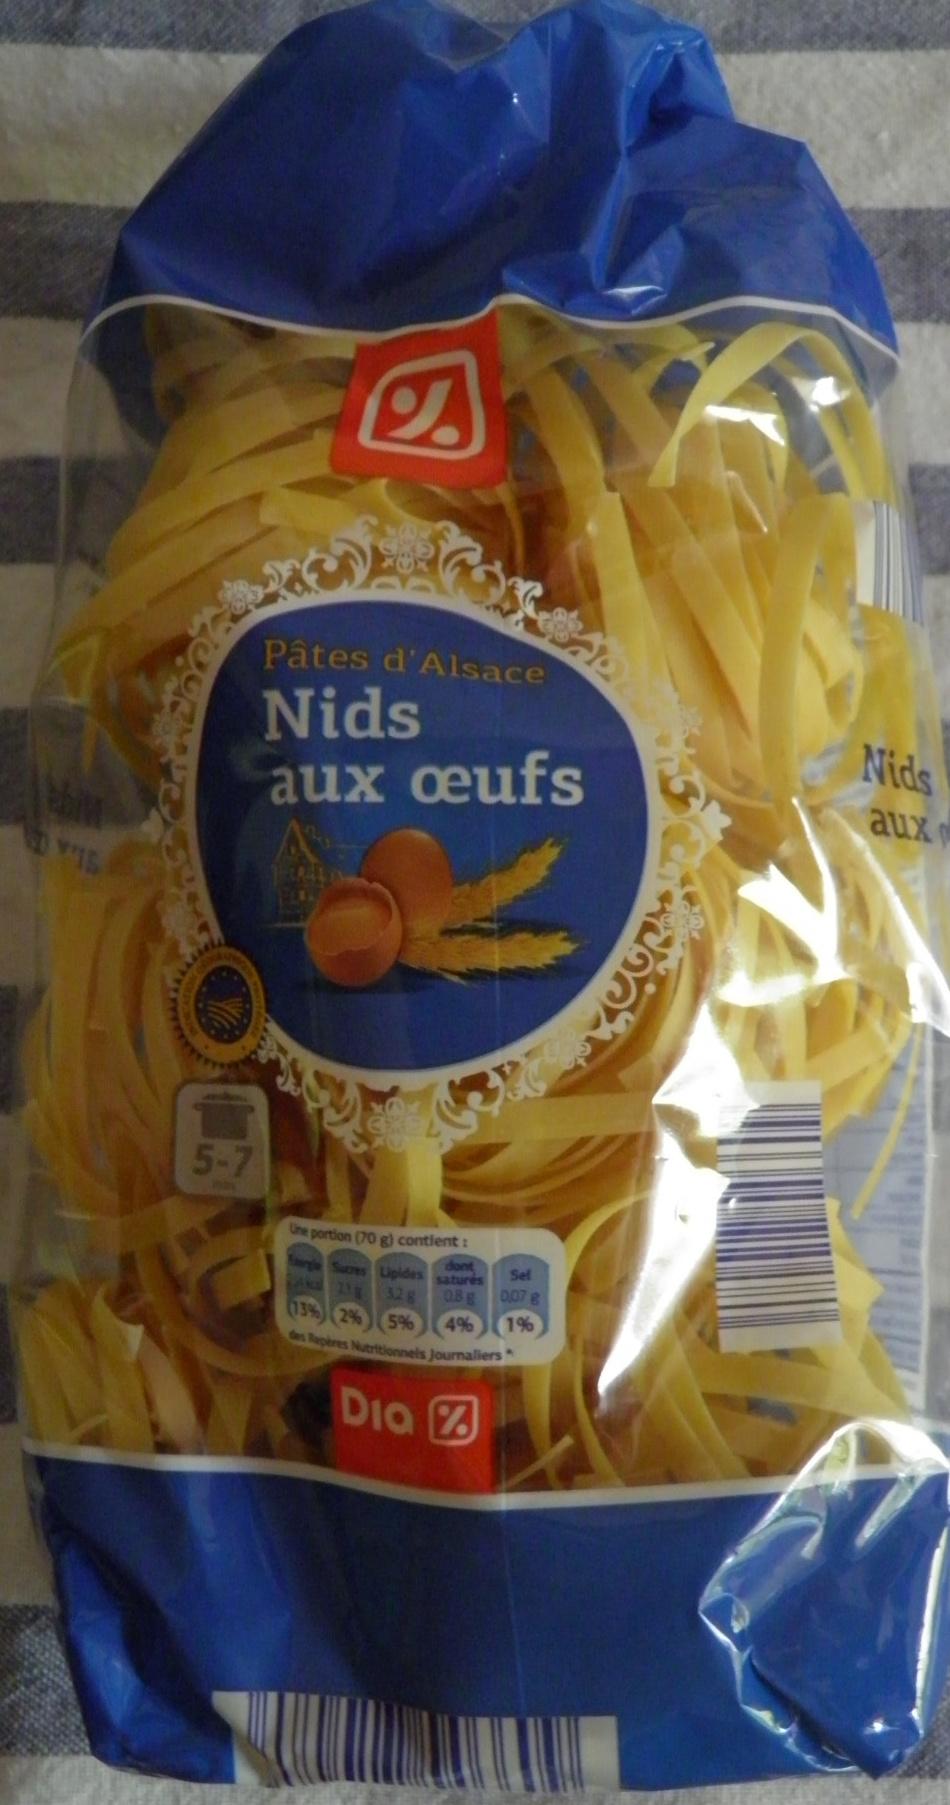 Pâtes d'Alsace Nids aux œufs - Produit